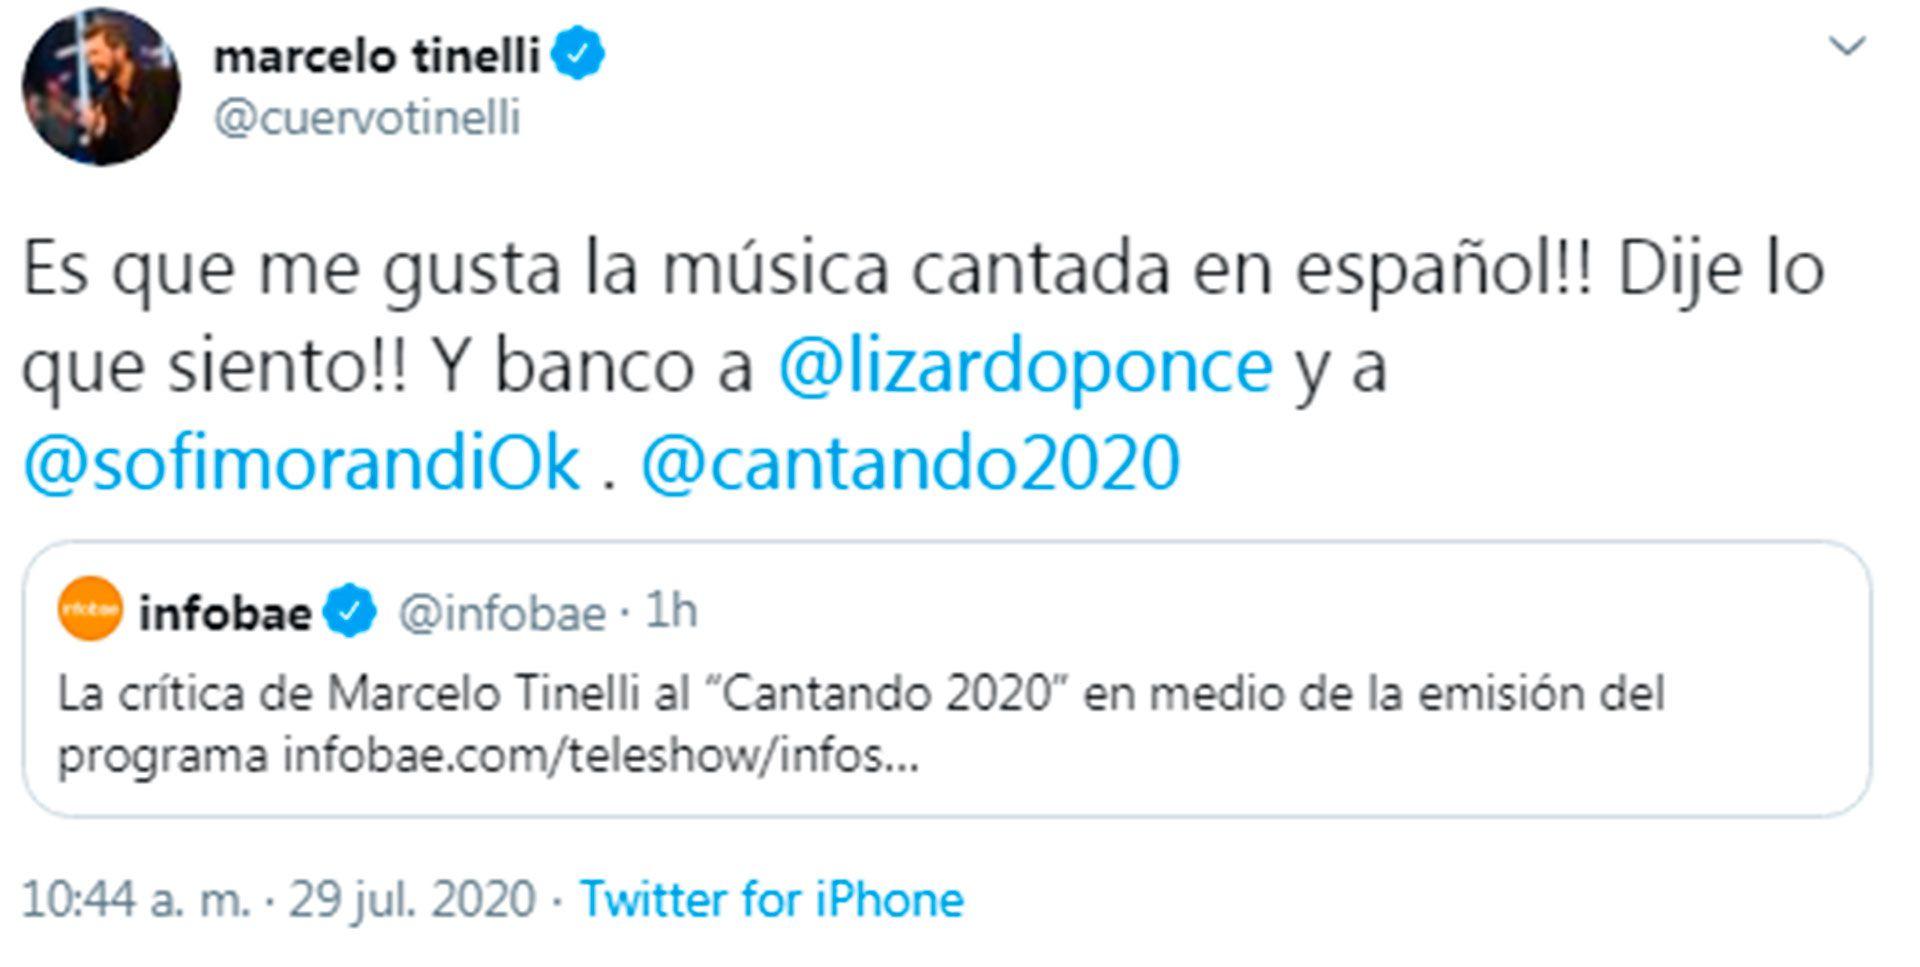 El mensaje de Marcelo Tinelli